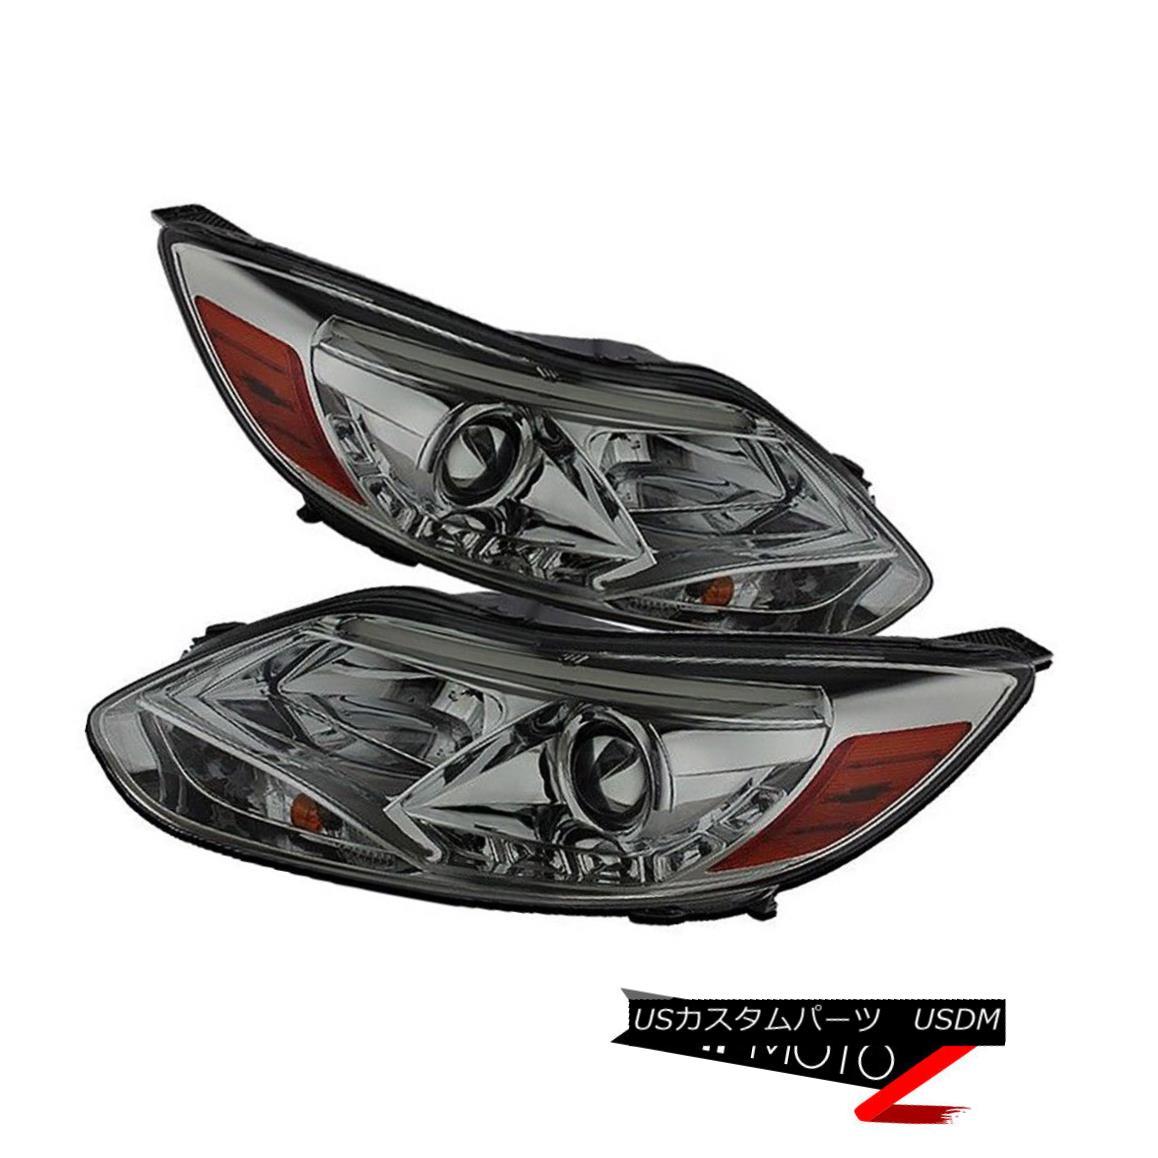 ヘッドライト Left+Right Pair Smoke Halo Projector Headlight Lamp 2012-14 Ford Focus SEL/SE/S 左+右ペア煙ハロープロジェクターヘッドライトランプ2012-14 Ford Focus SEL / SE / S